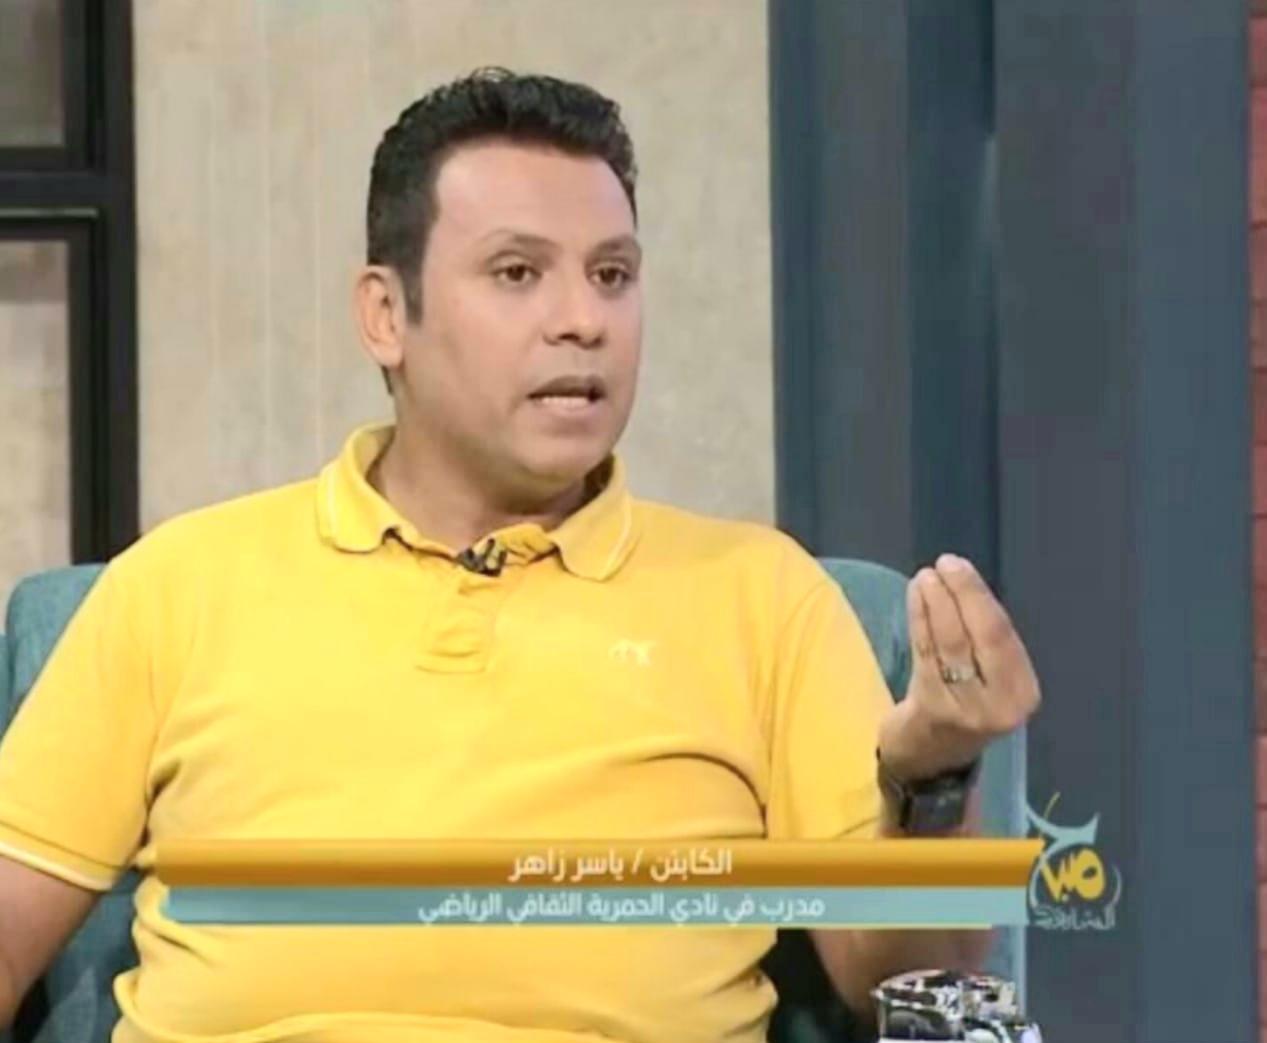 ياسر جلال زاهر يكتب عن: خصائص المدرب الناجح